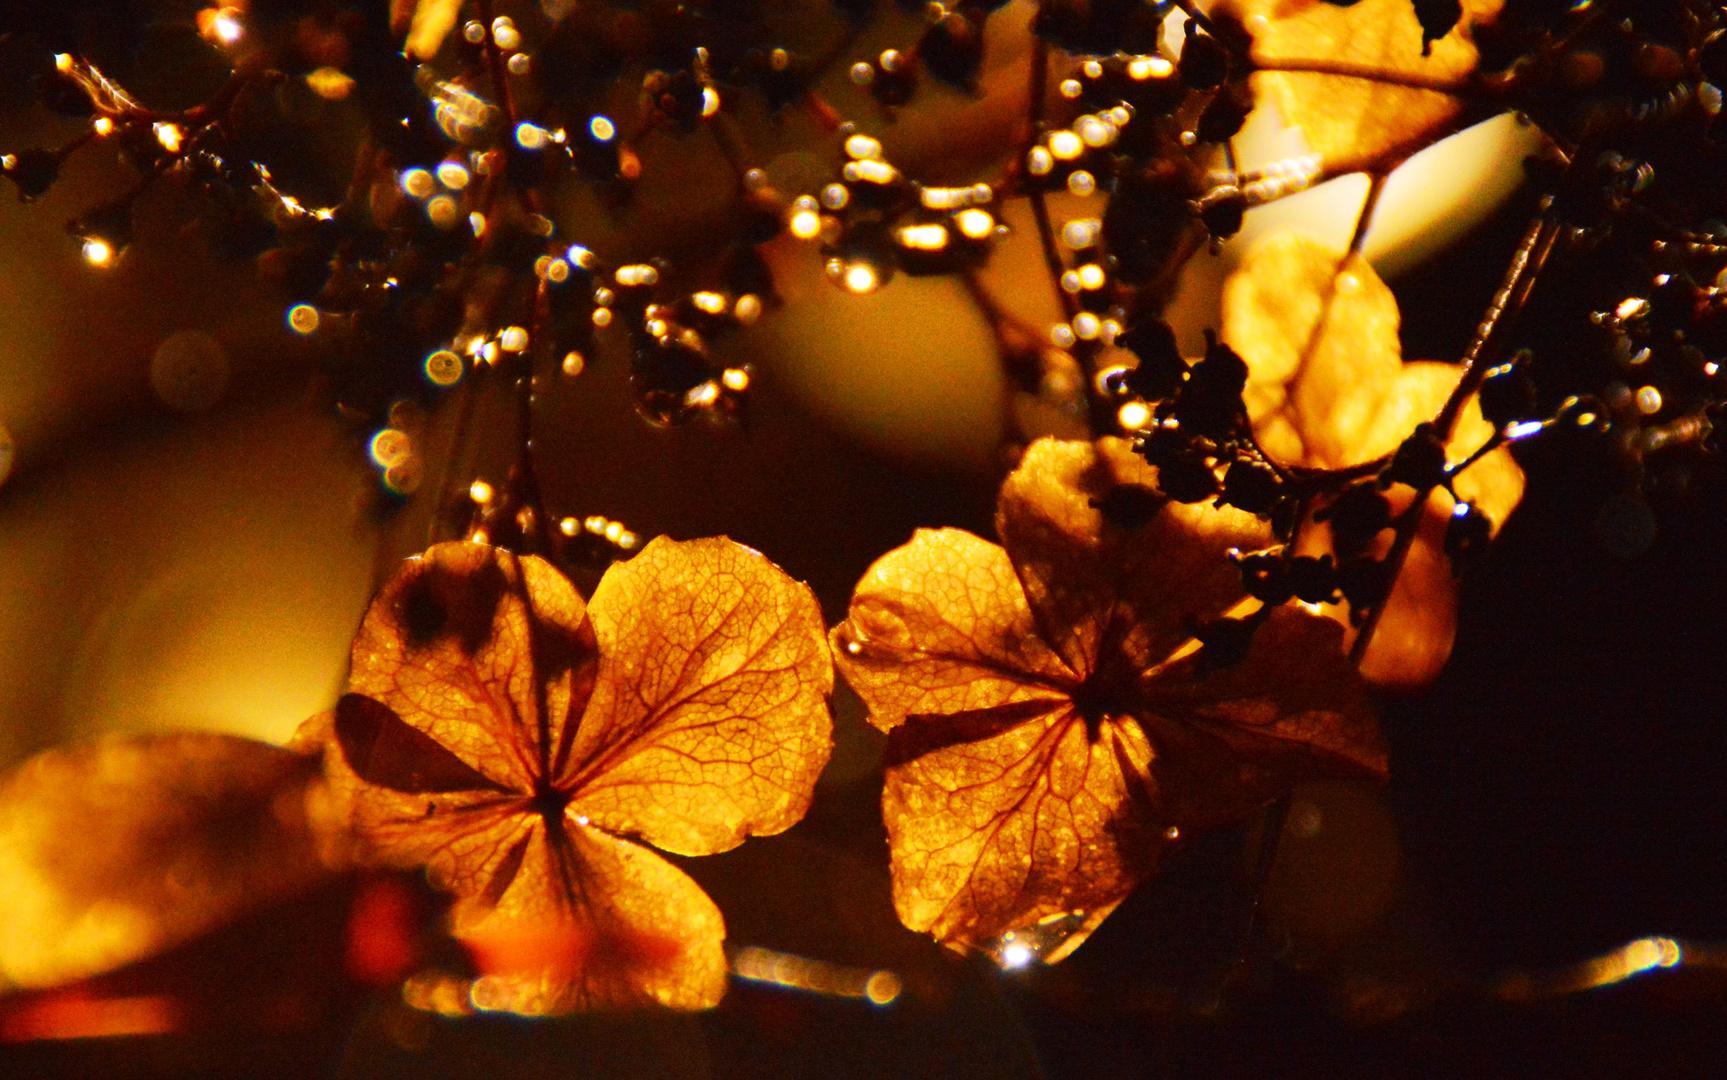 Herbst im Winter